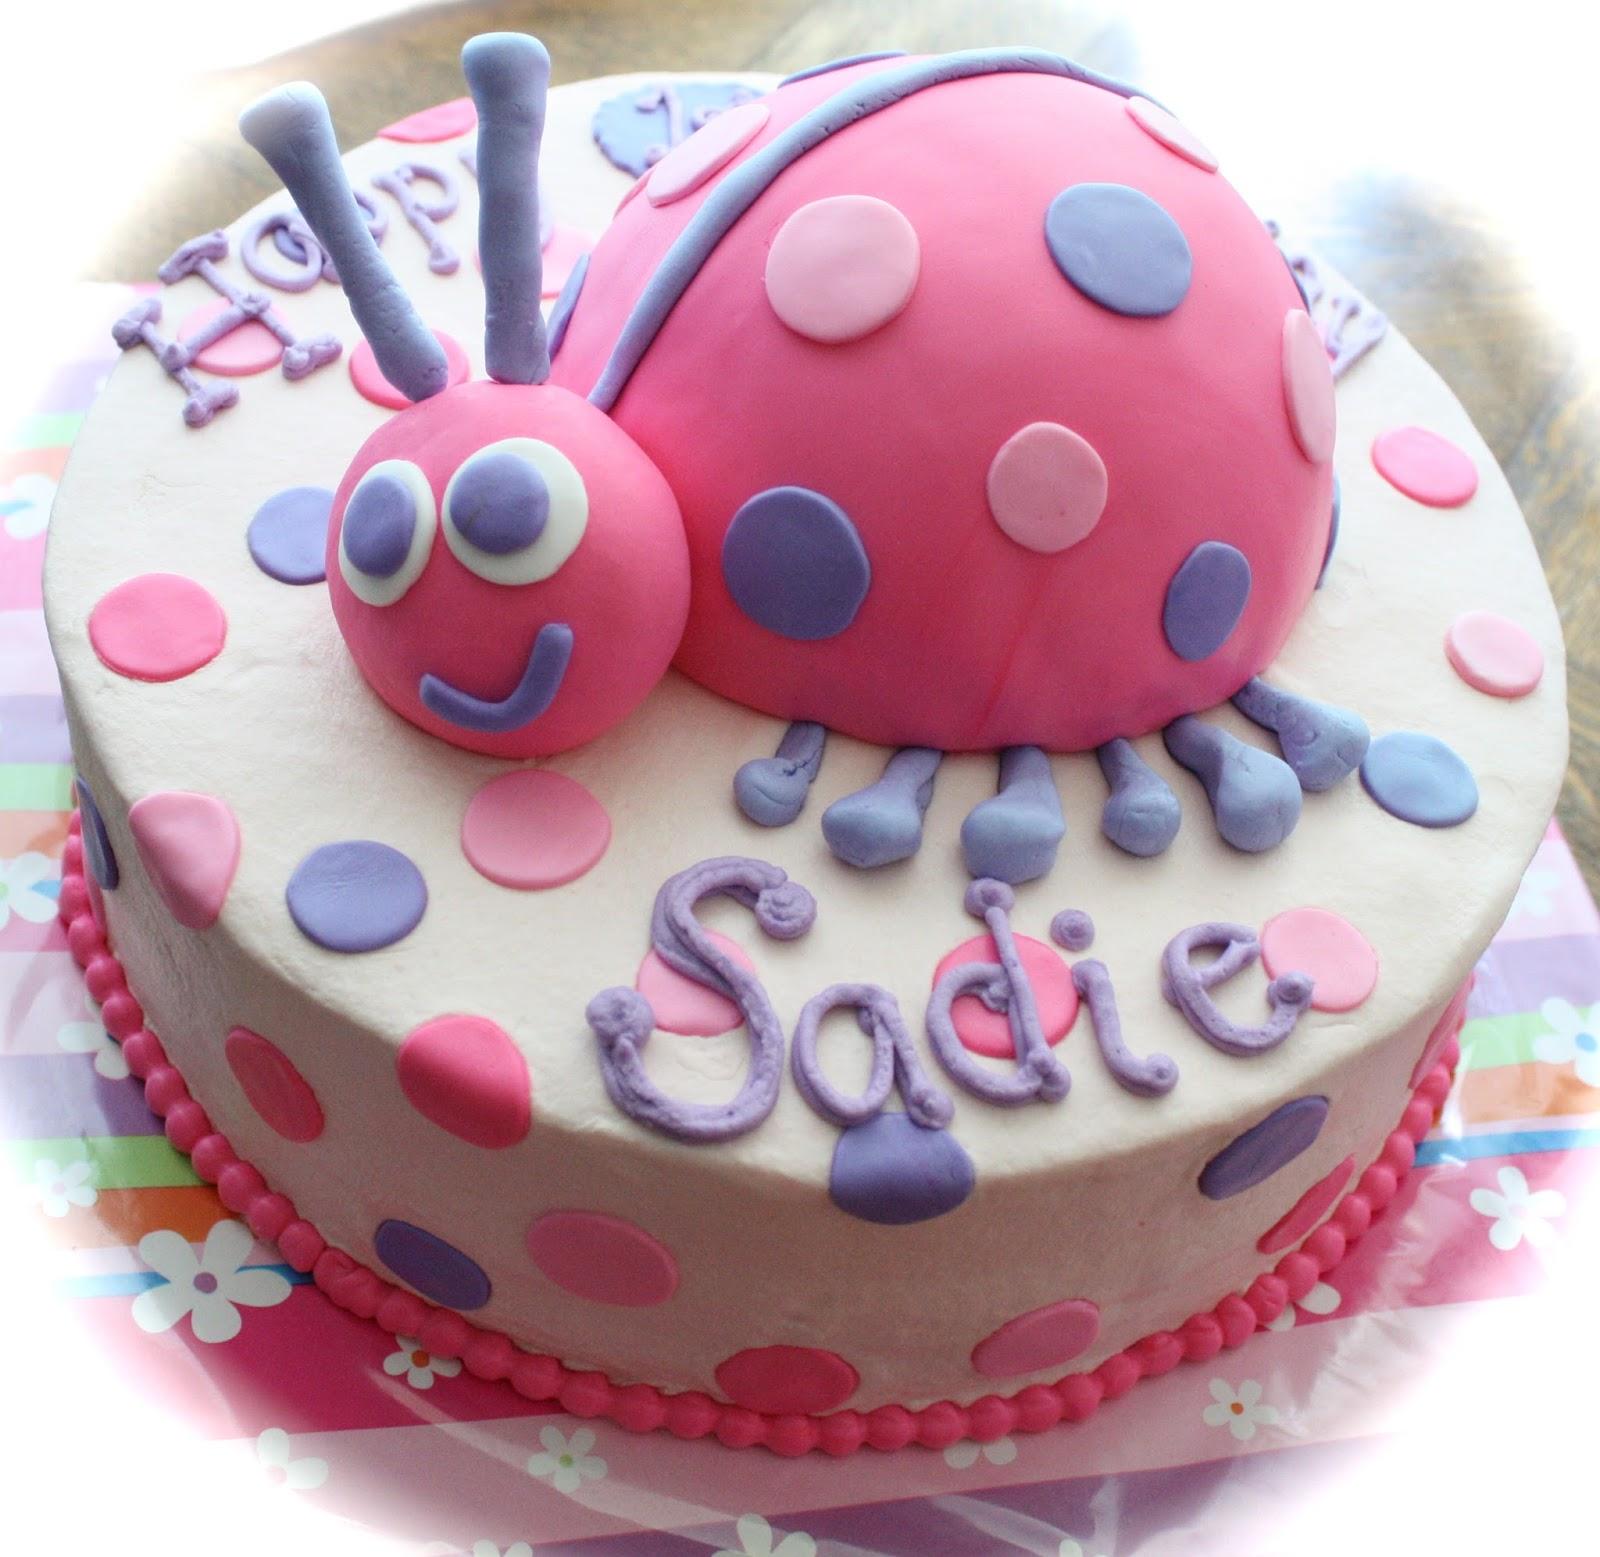 Kake Ladybug Ladybug